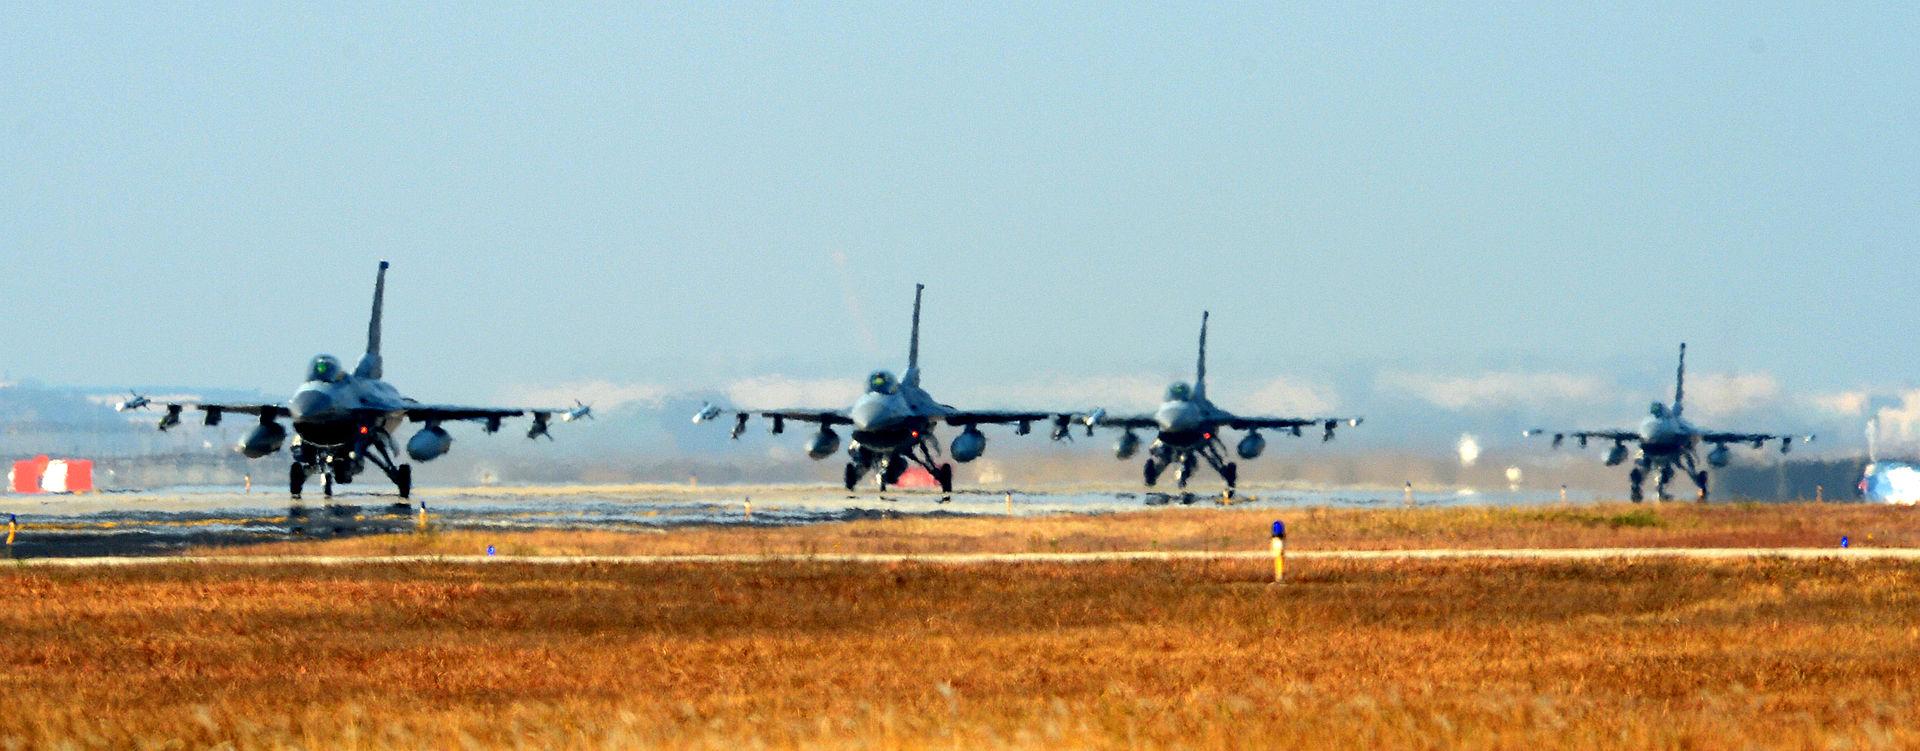 2014.11.20. 한미 공군 맥스선더훈련 Republic of Korea Air Foece (15653879898).jpg